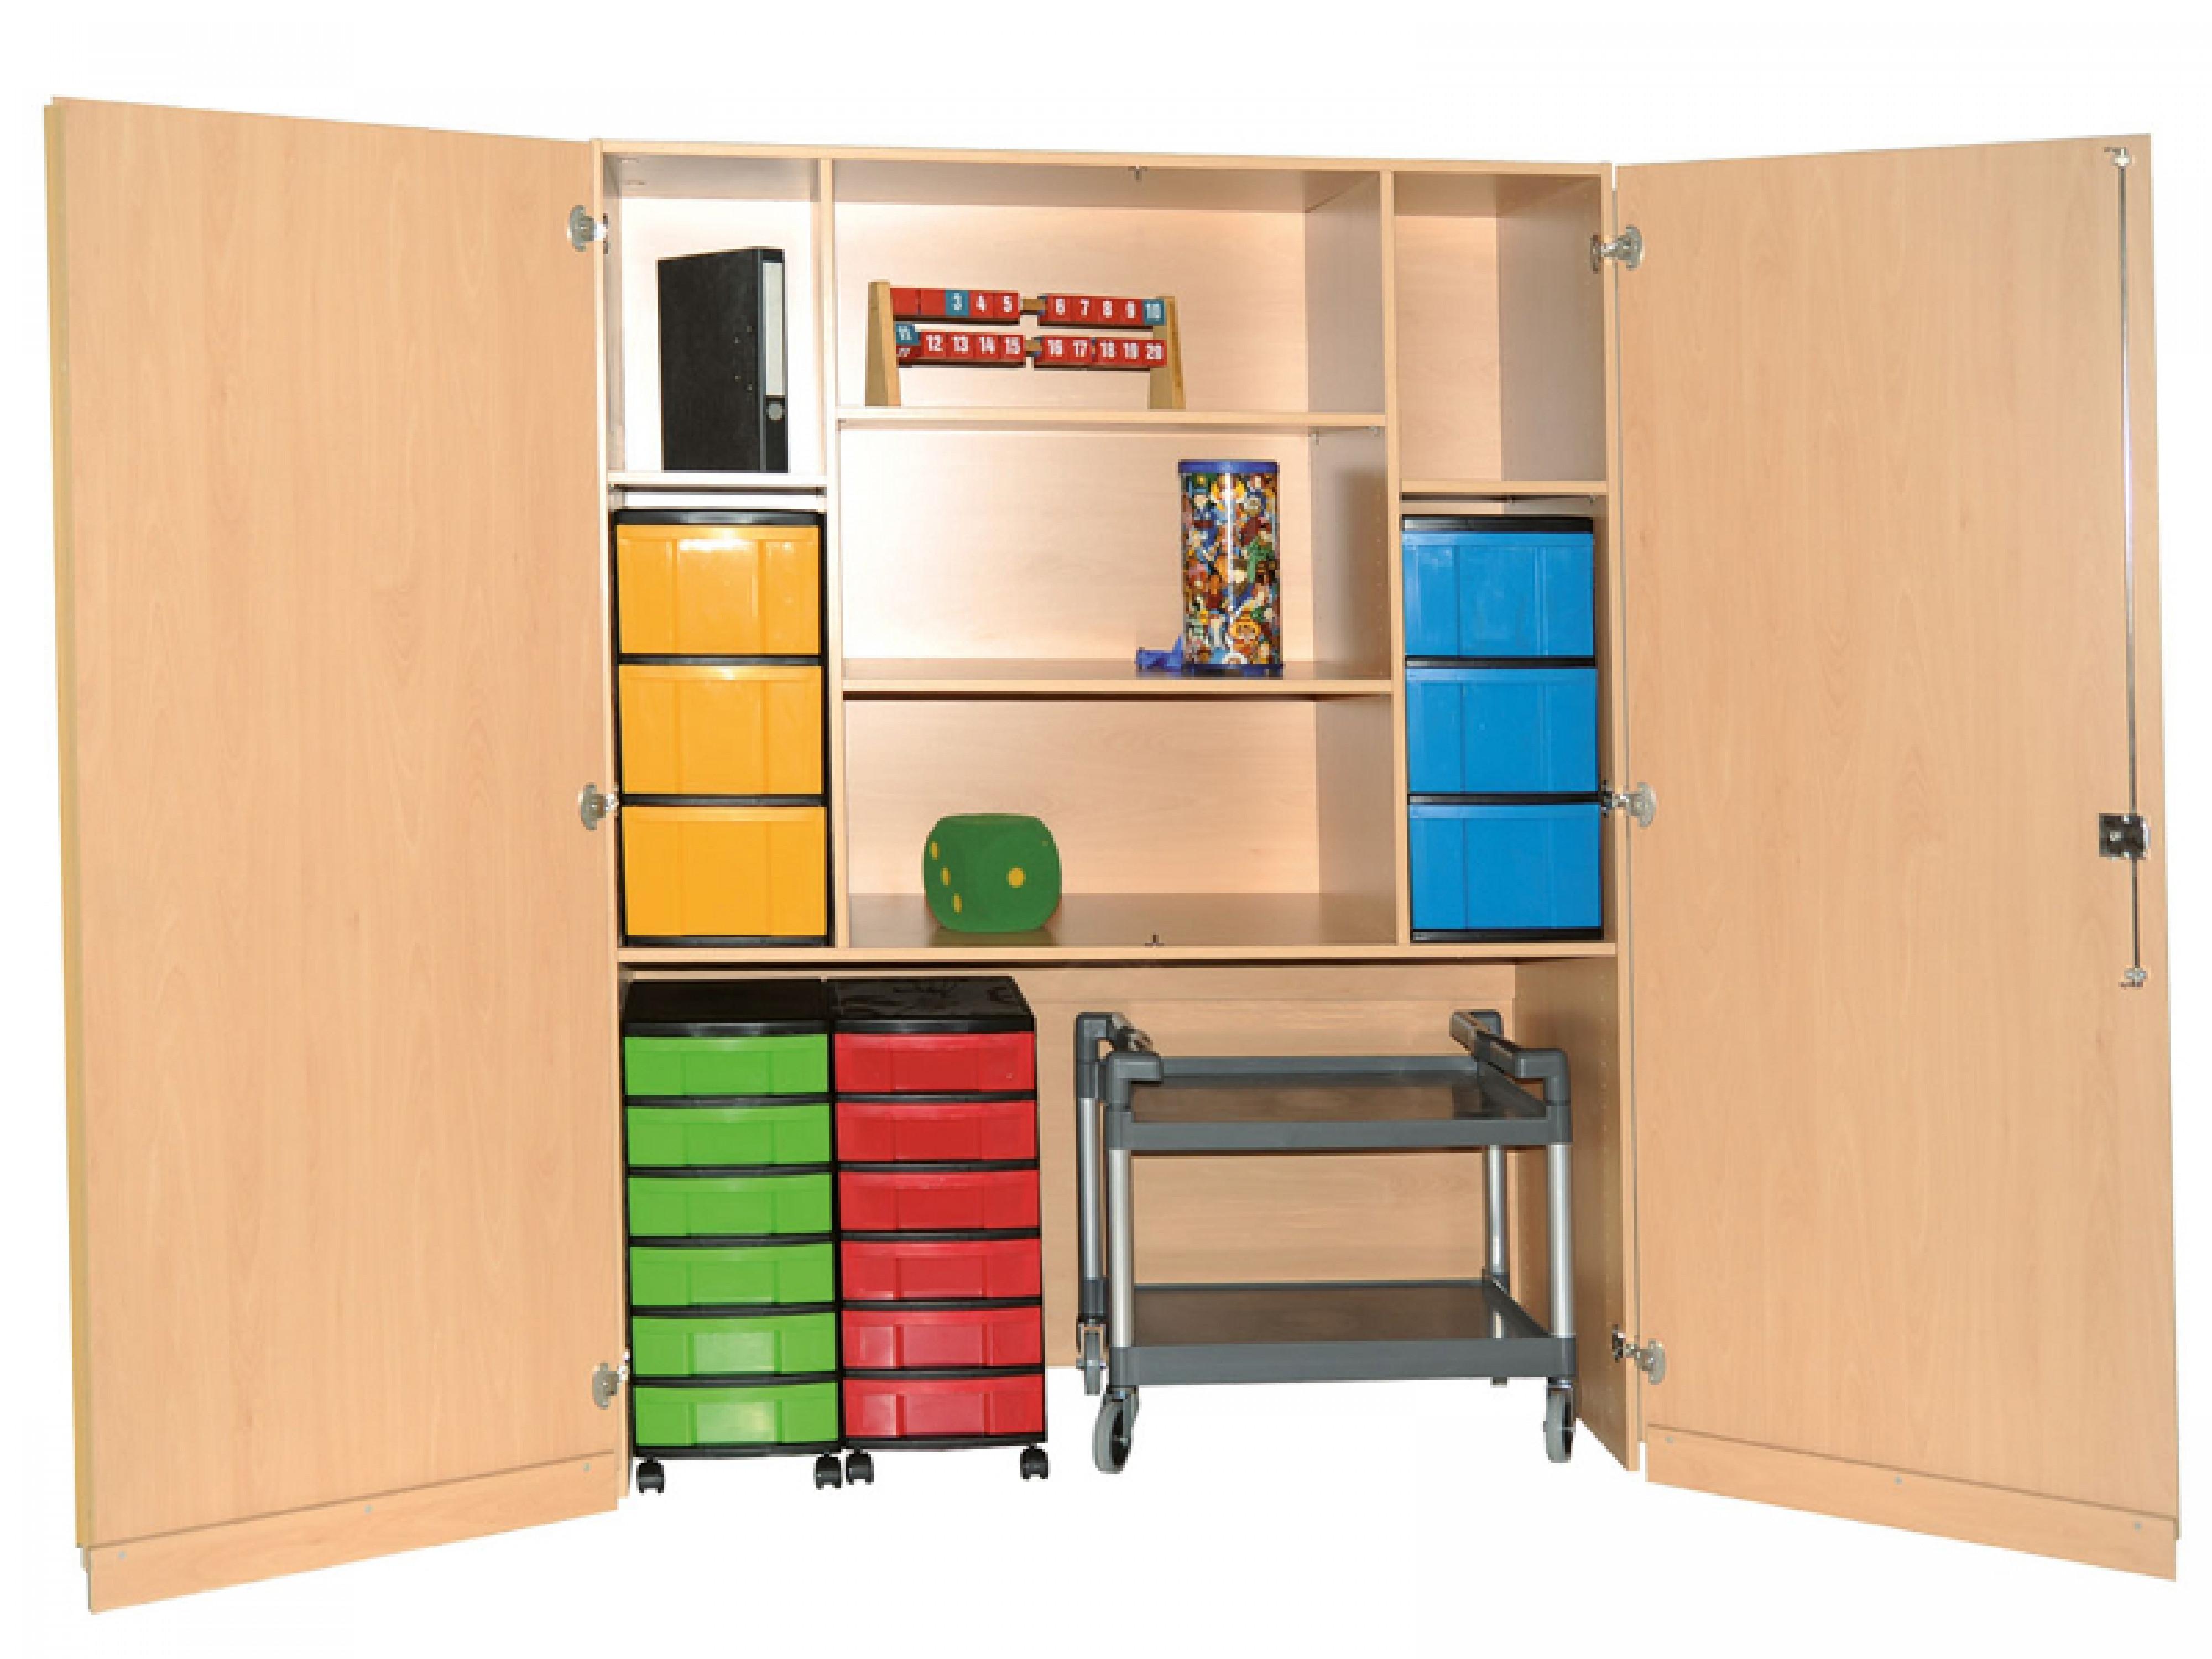 Abschließbarer Schrank  Abschließbarer Schrank mit 5 Fächern und 18 Boxen